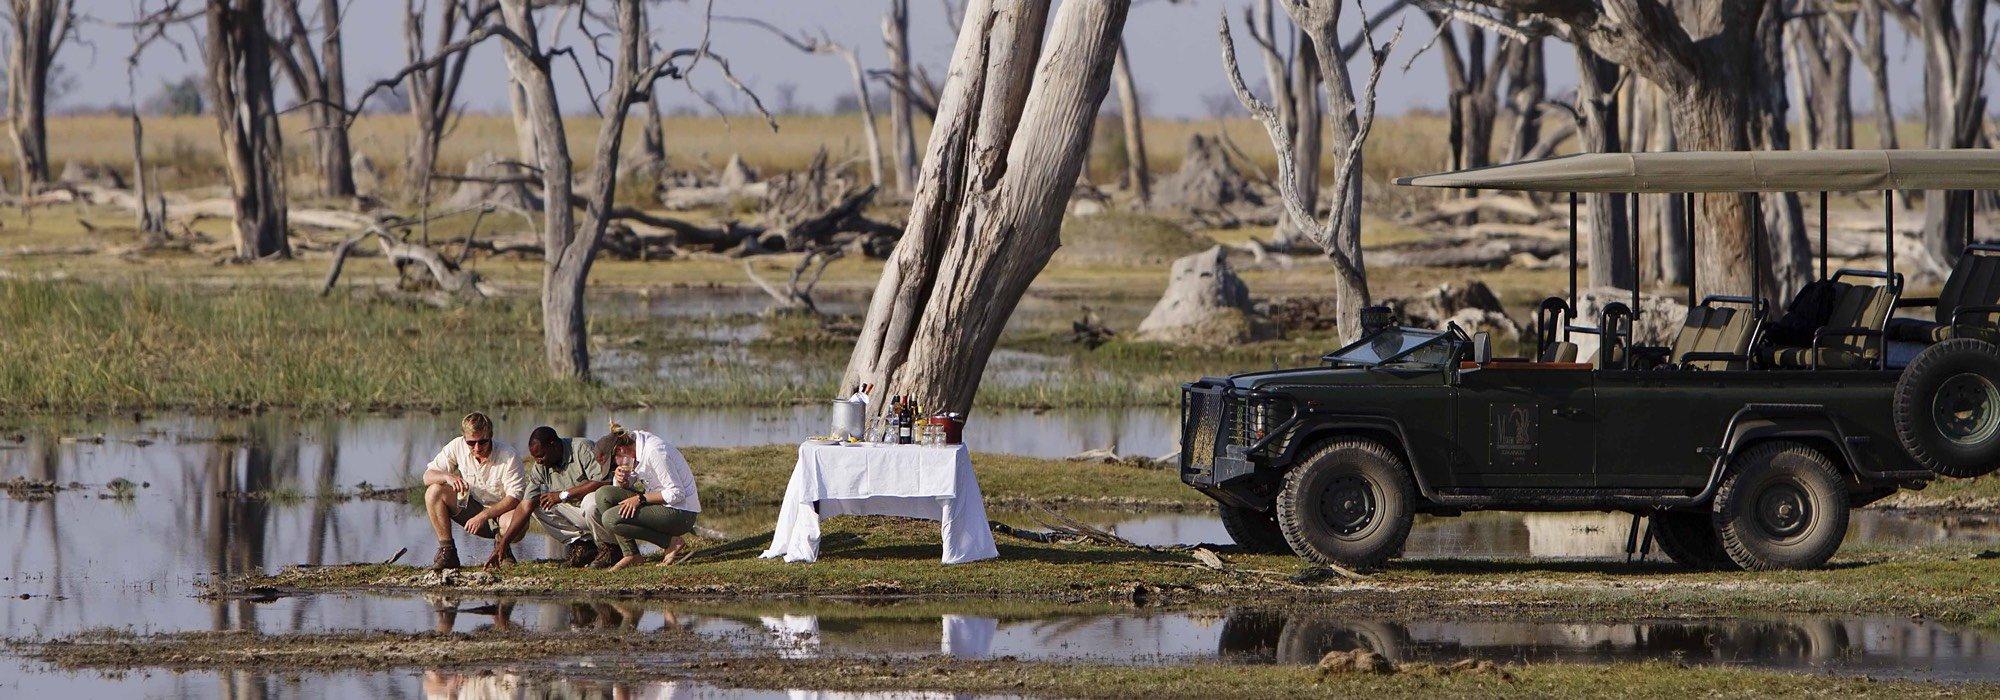 Safari in Xakanxa